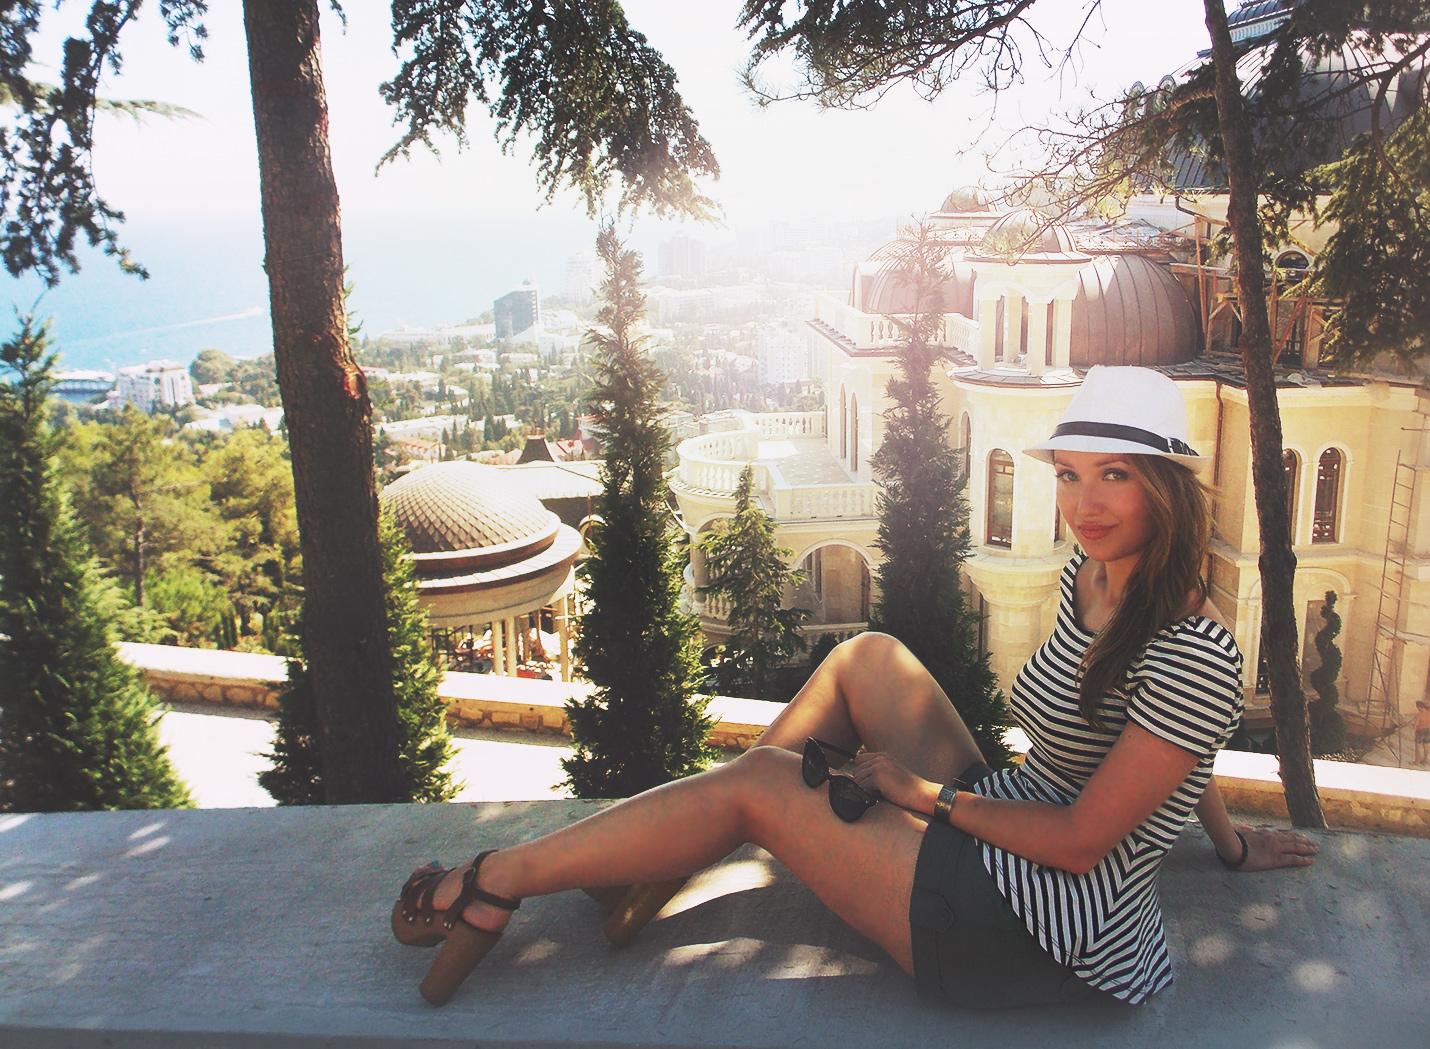 одеть на отдых, что одеть в отпуск на море, что одеть в отпуск, ялта отпуск, отпуск в ялте 2015, одежда для отпуска, одежда для отпуска на море, одежда для отпуска фото, summer outfit